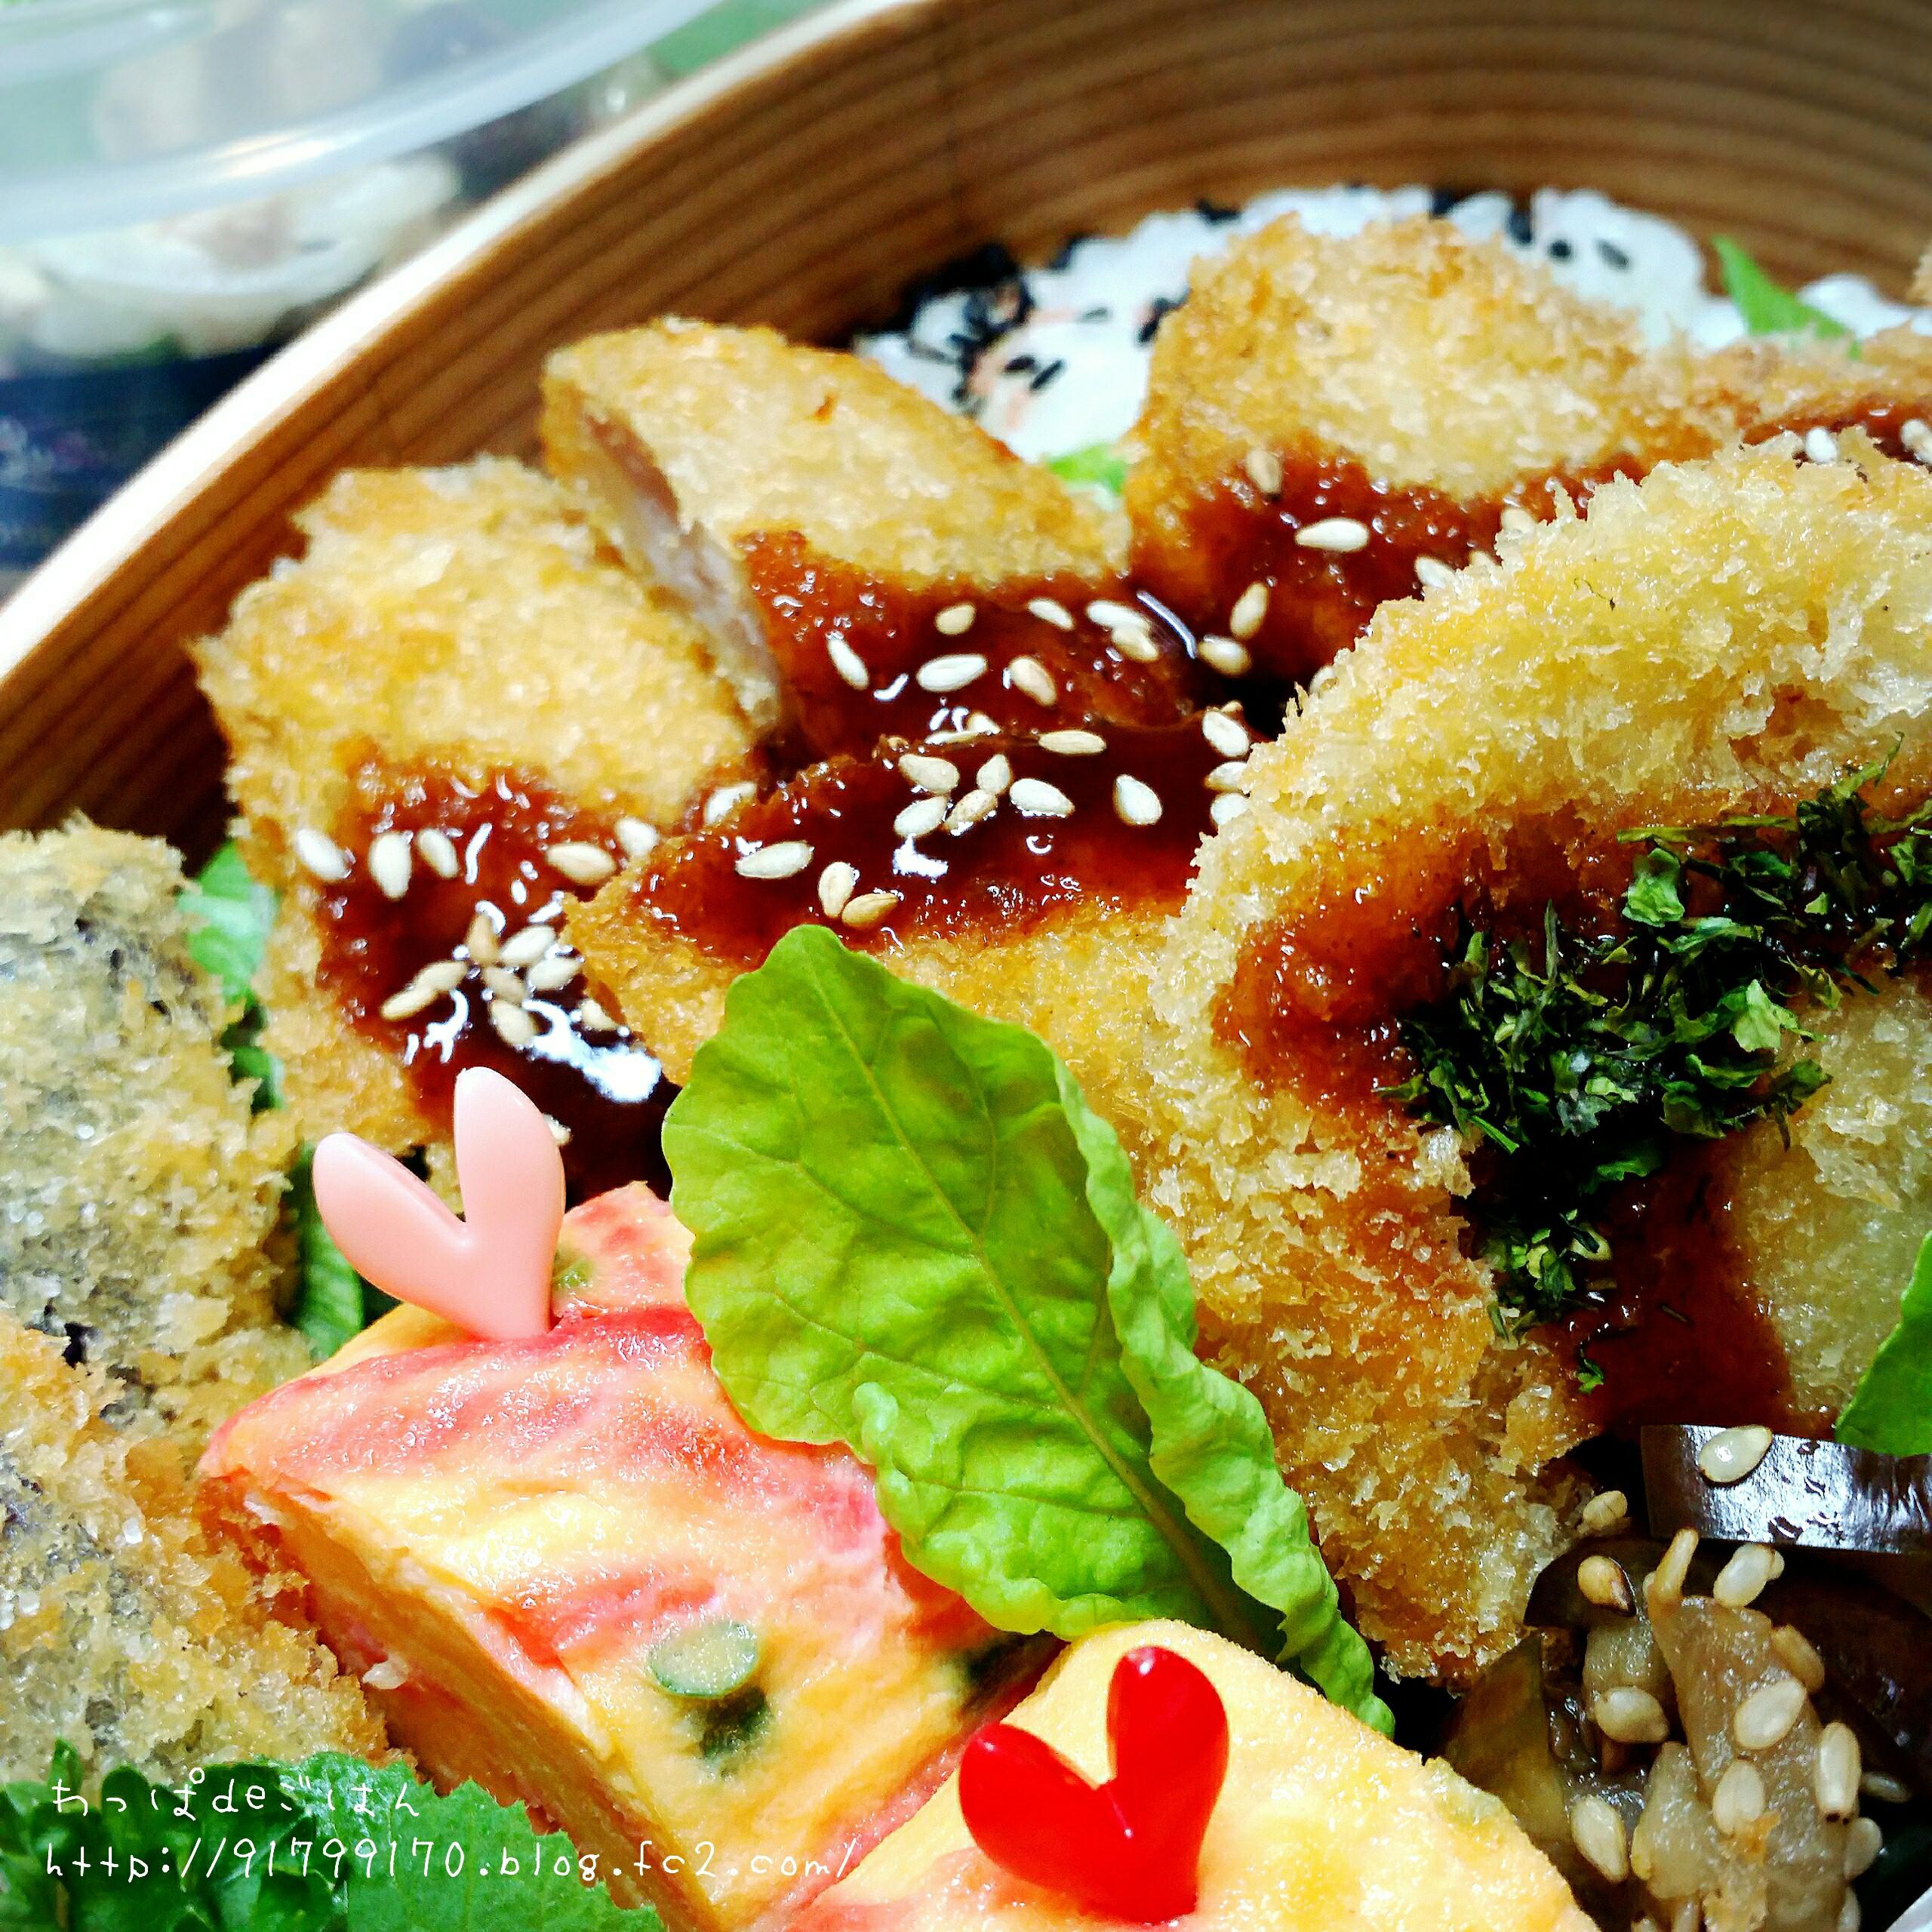 ソースカツ丼(茄子と蓮根)の曲げわっぱ弁当